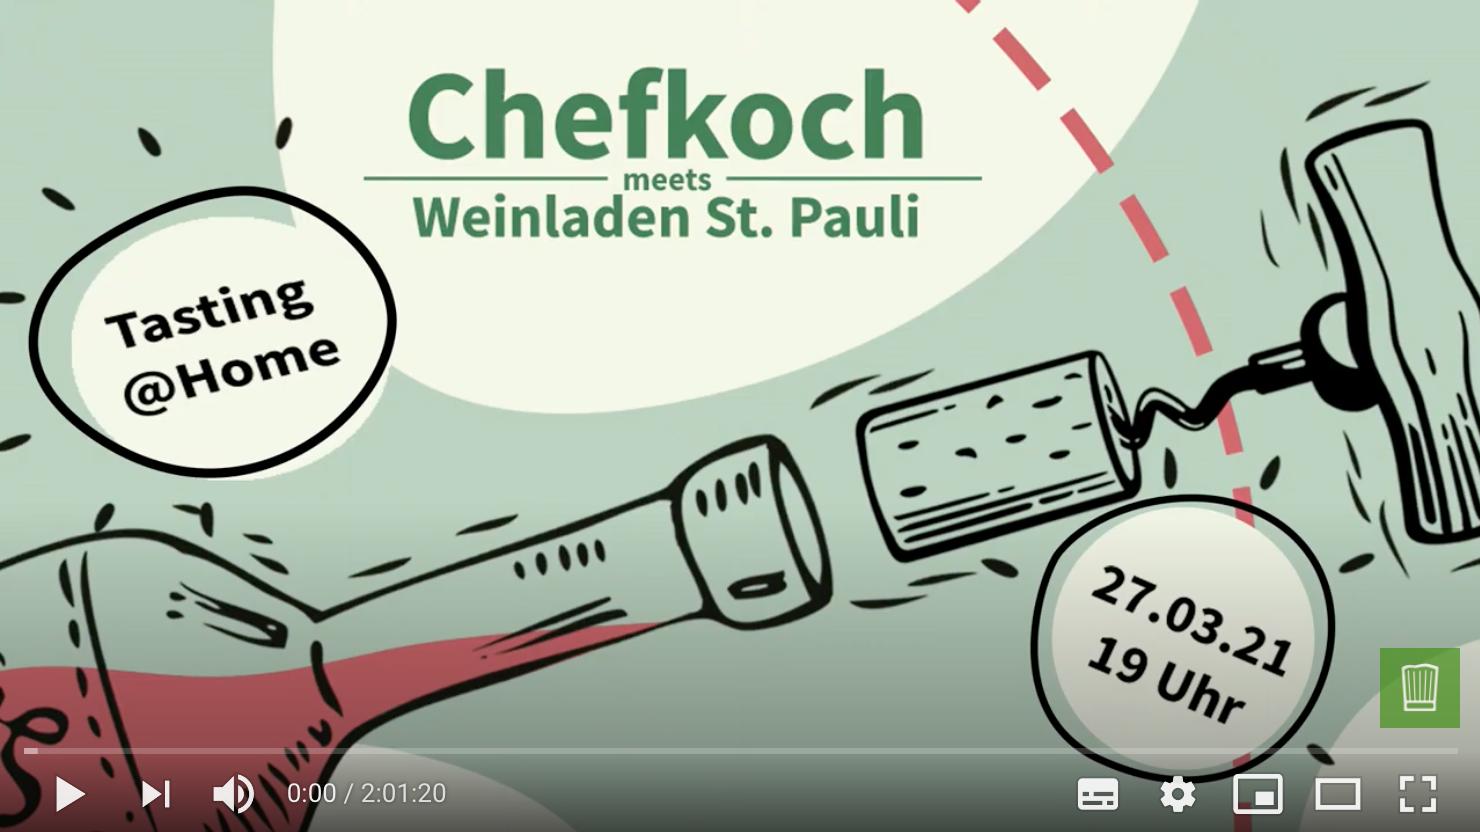 Chefkoch_Tasting